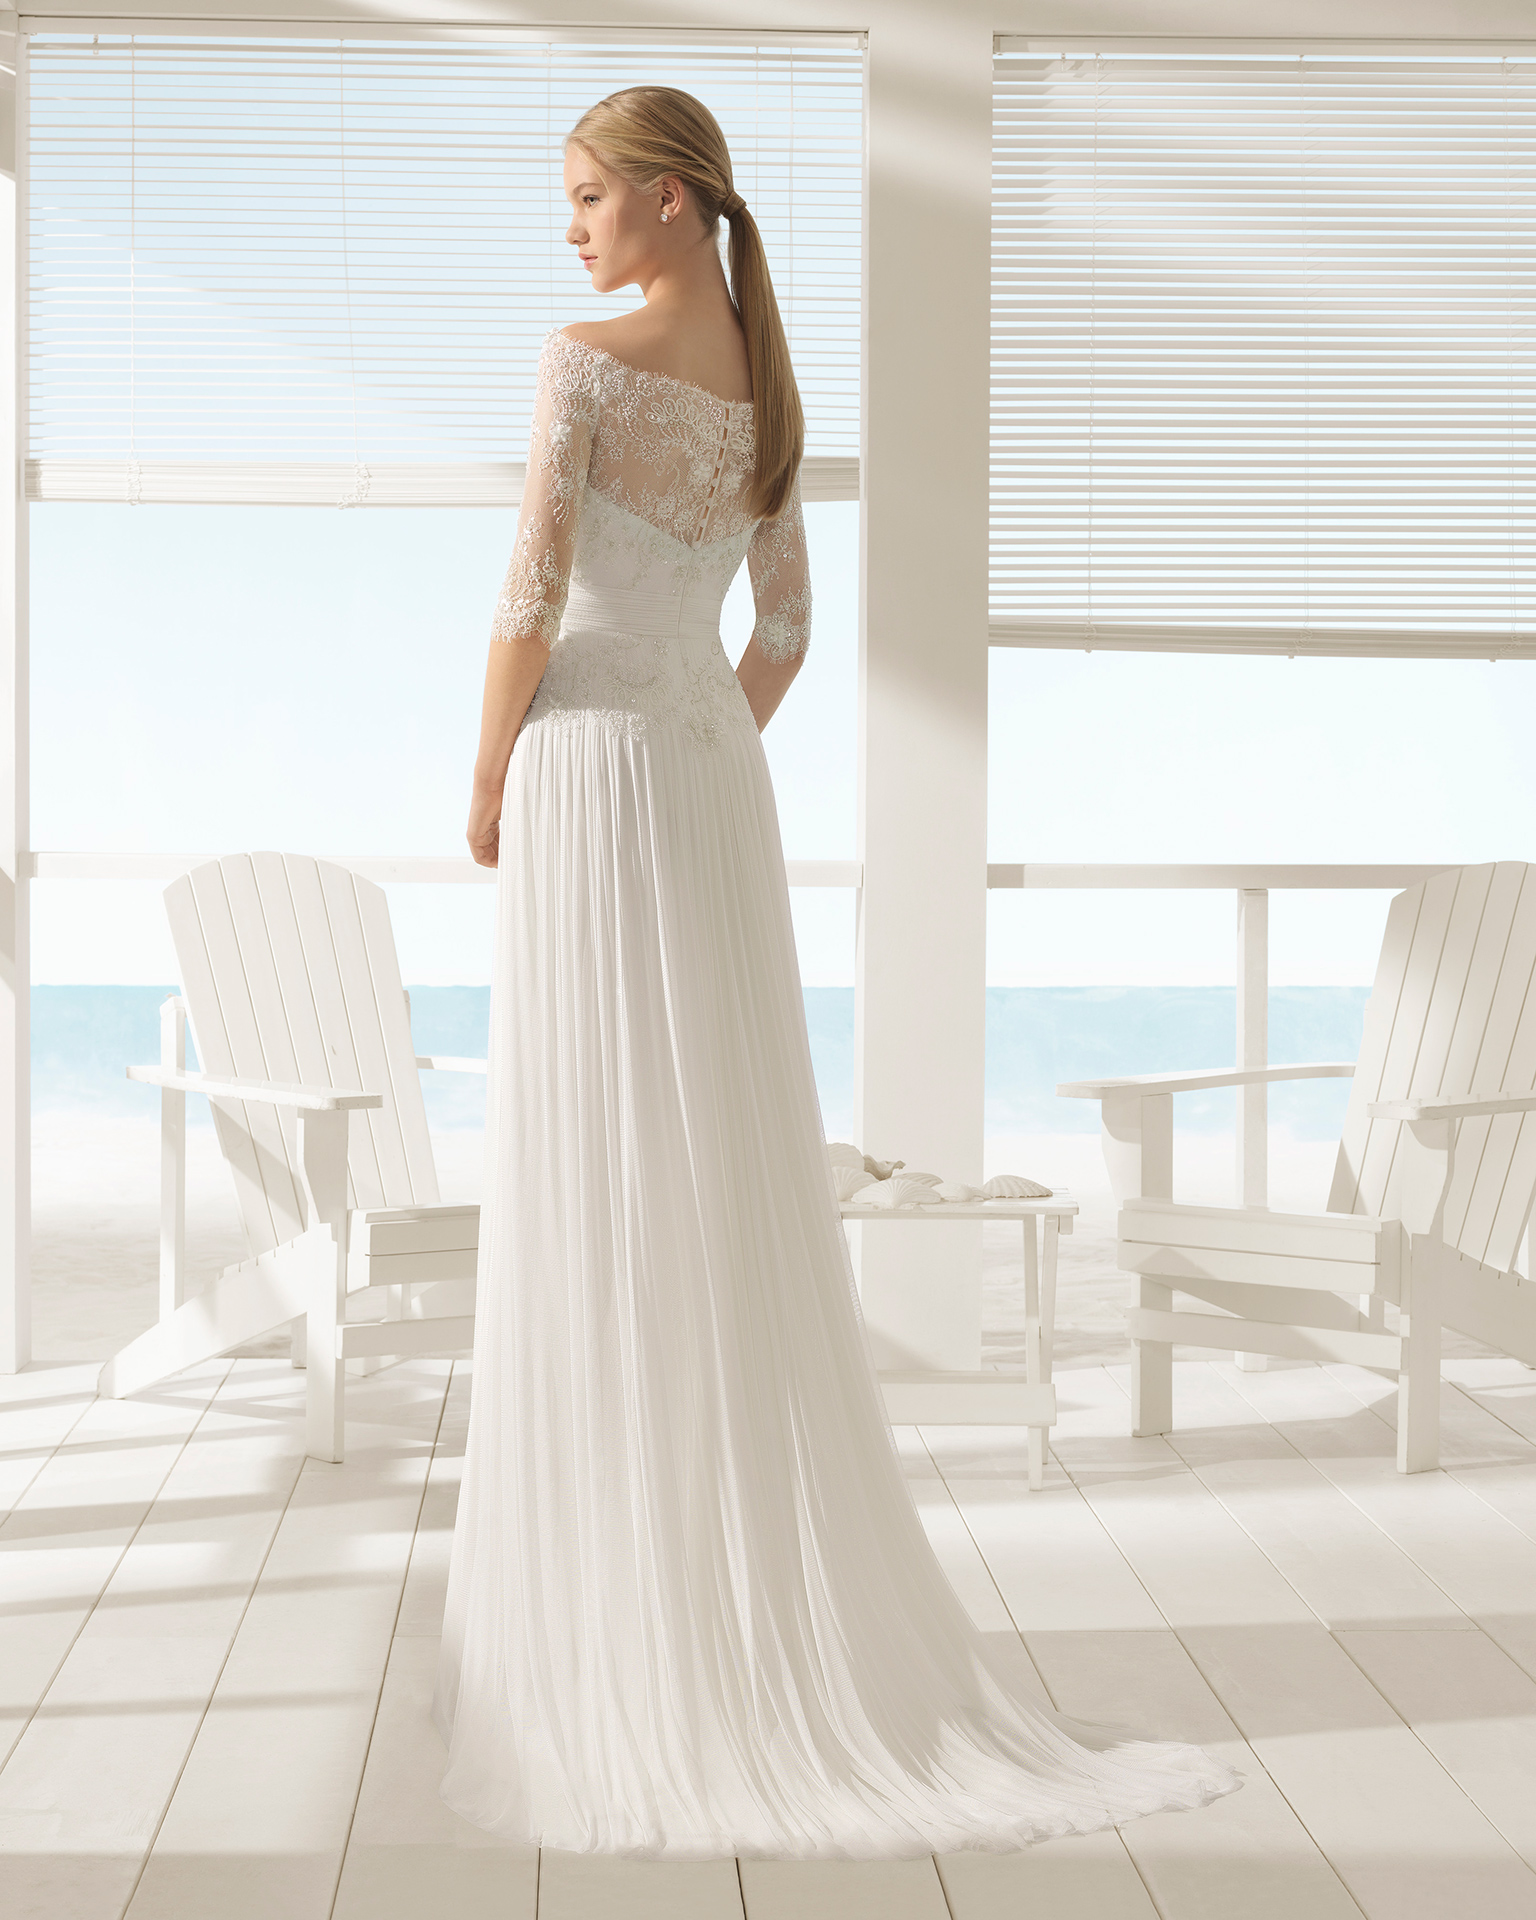 波西米亚风珠饰蕾丝全丝薄纱新娘婚纱,长袖鸡心领配透明饰片设计。